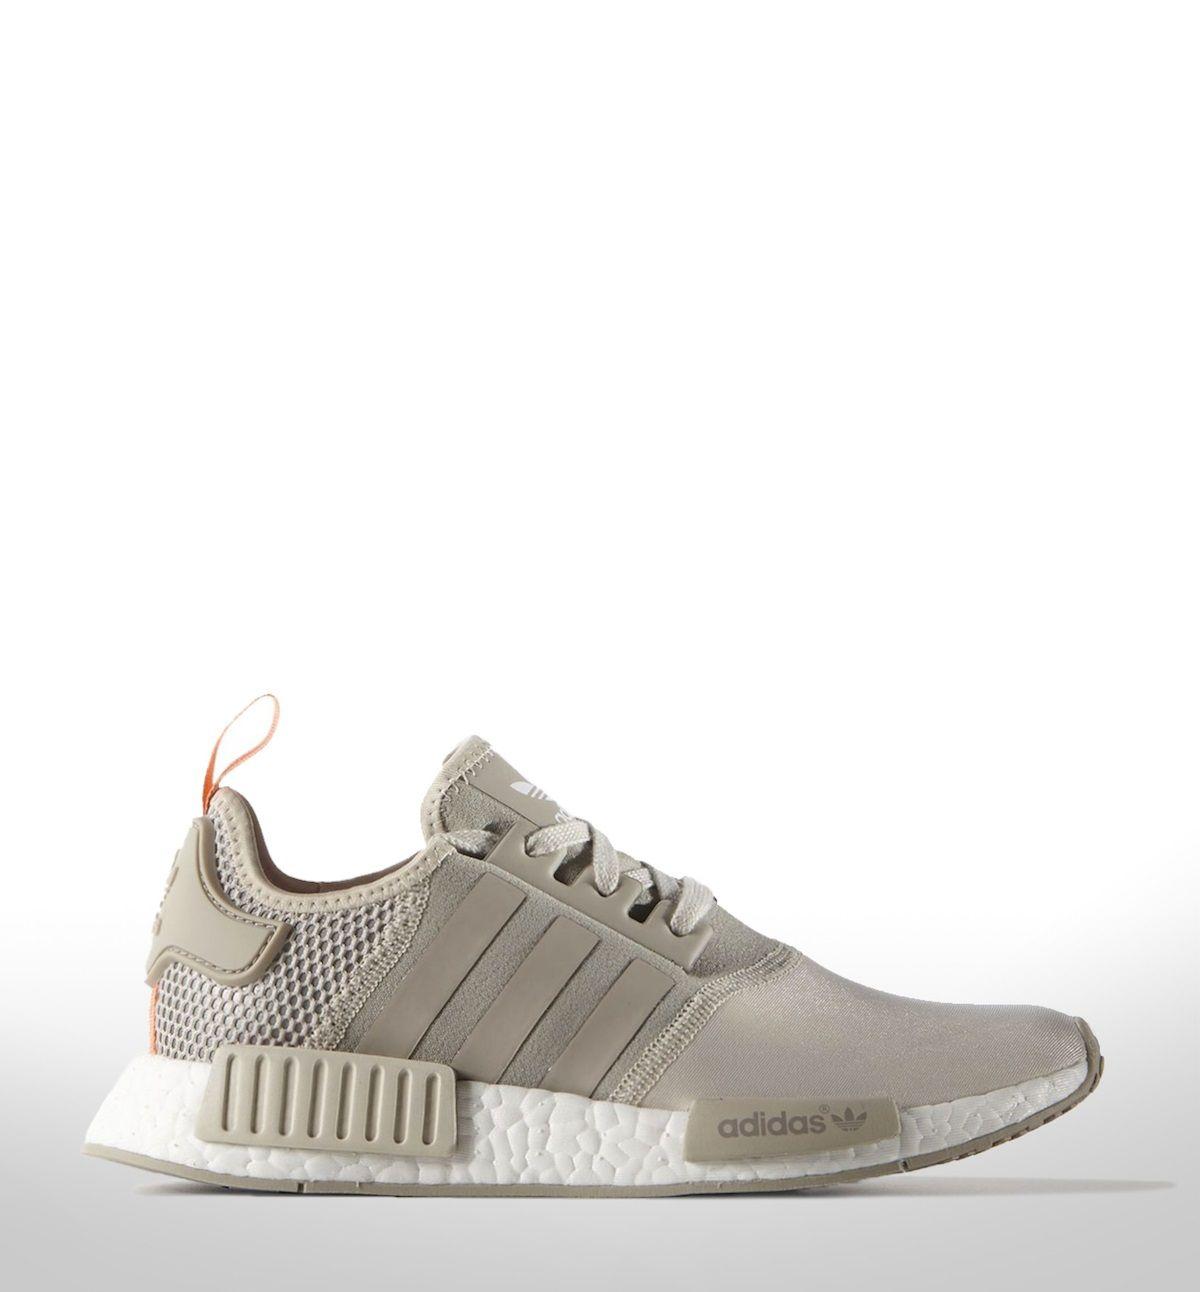 adidas nmd light grey